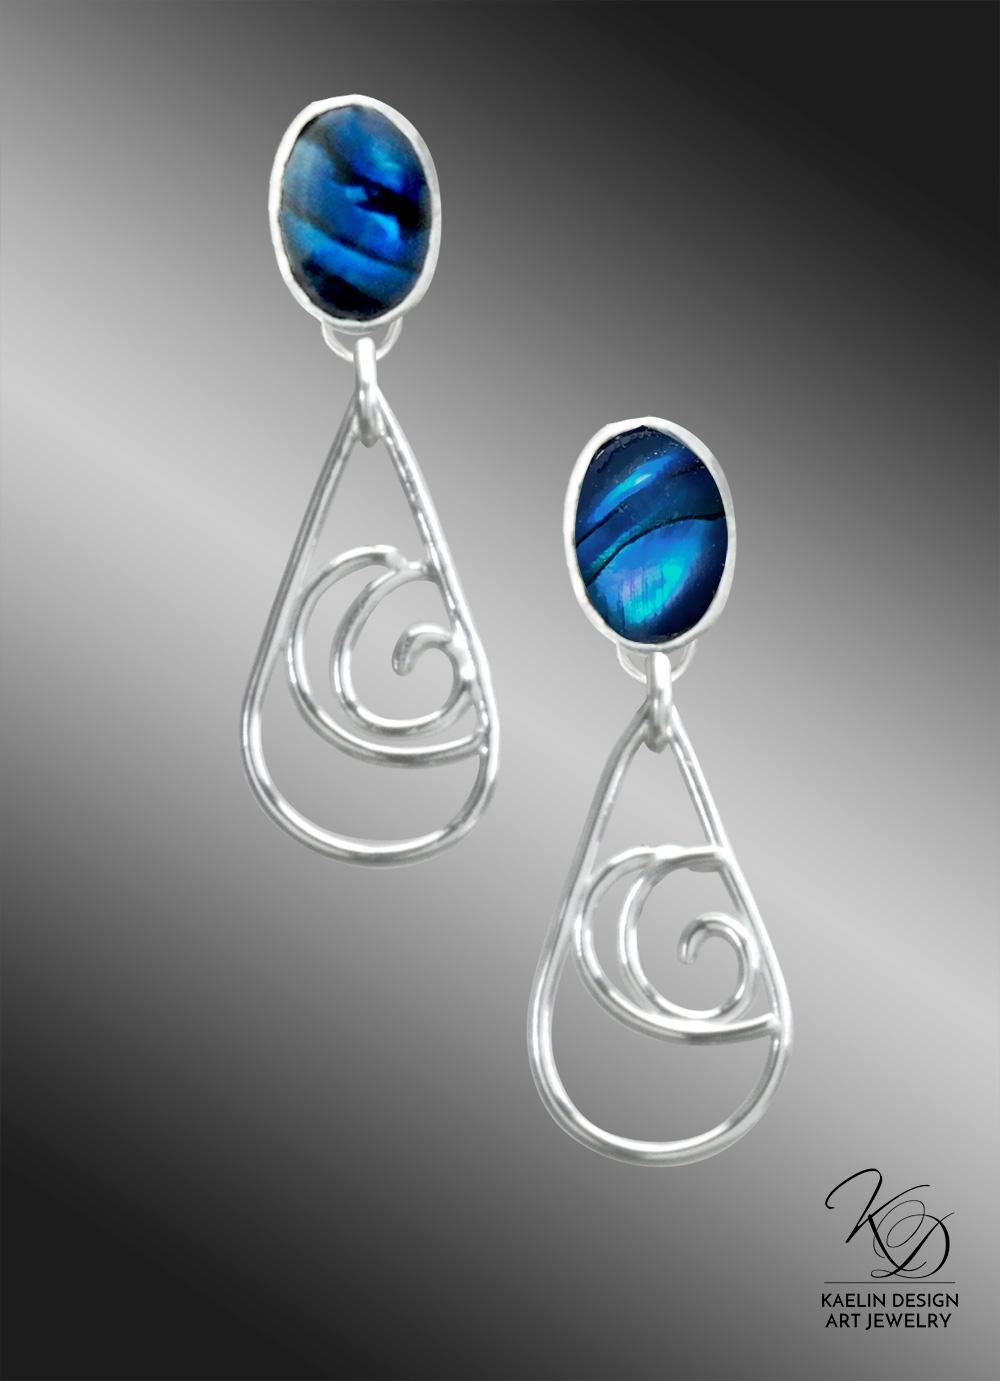 Sparkling Ocean Paua Shell Post Earrings by Kaelin Design Art Jewelry